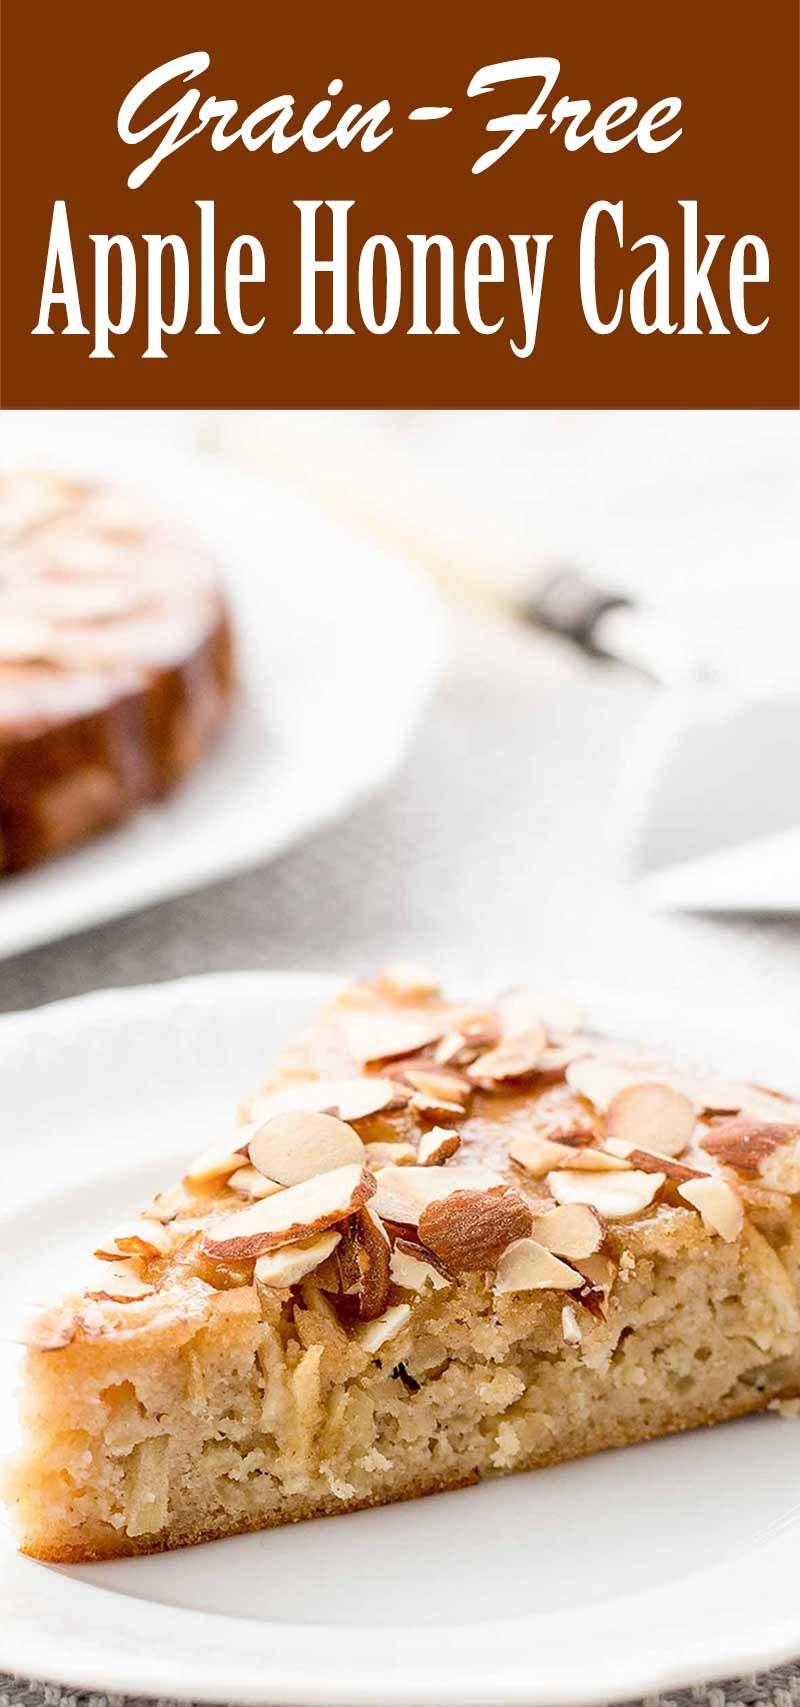 Grain-Free Apple Honey Cake Recipe | SimplyRecipes.com